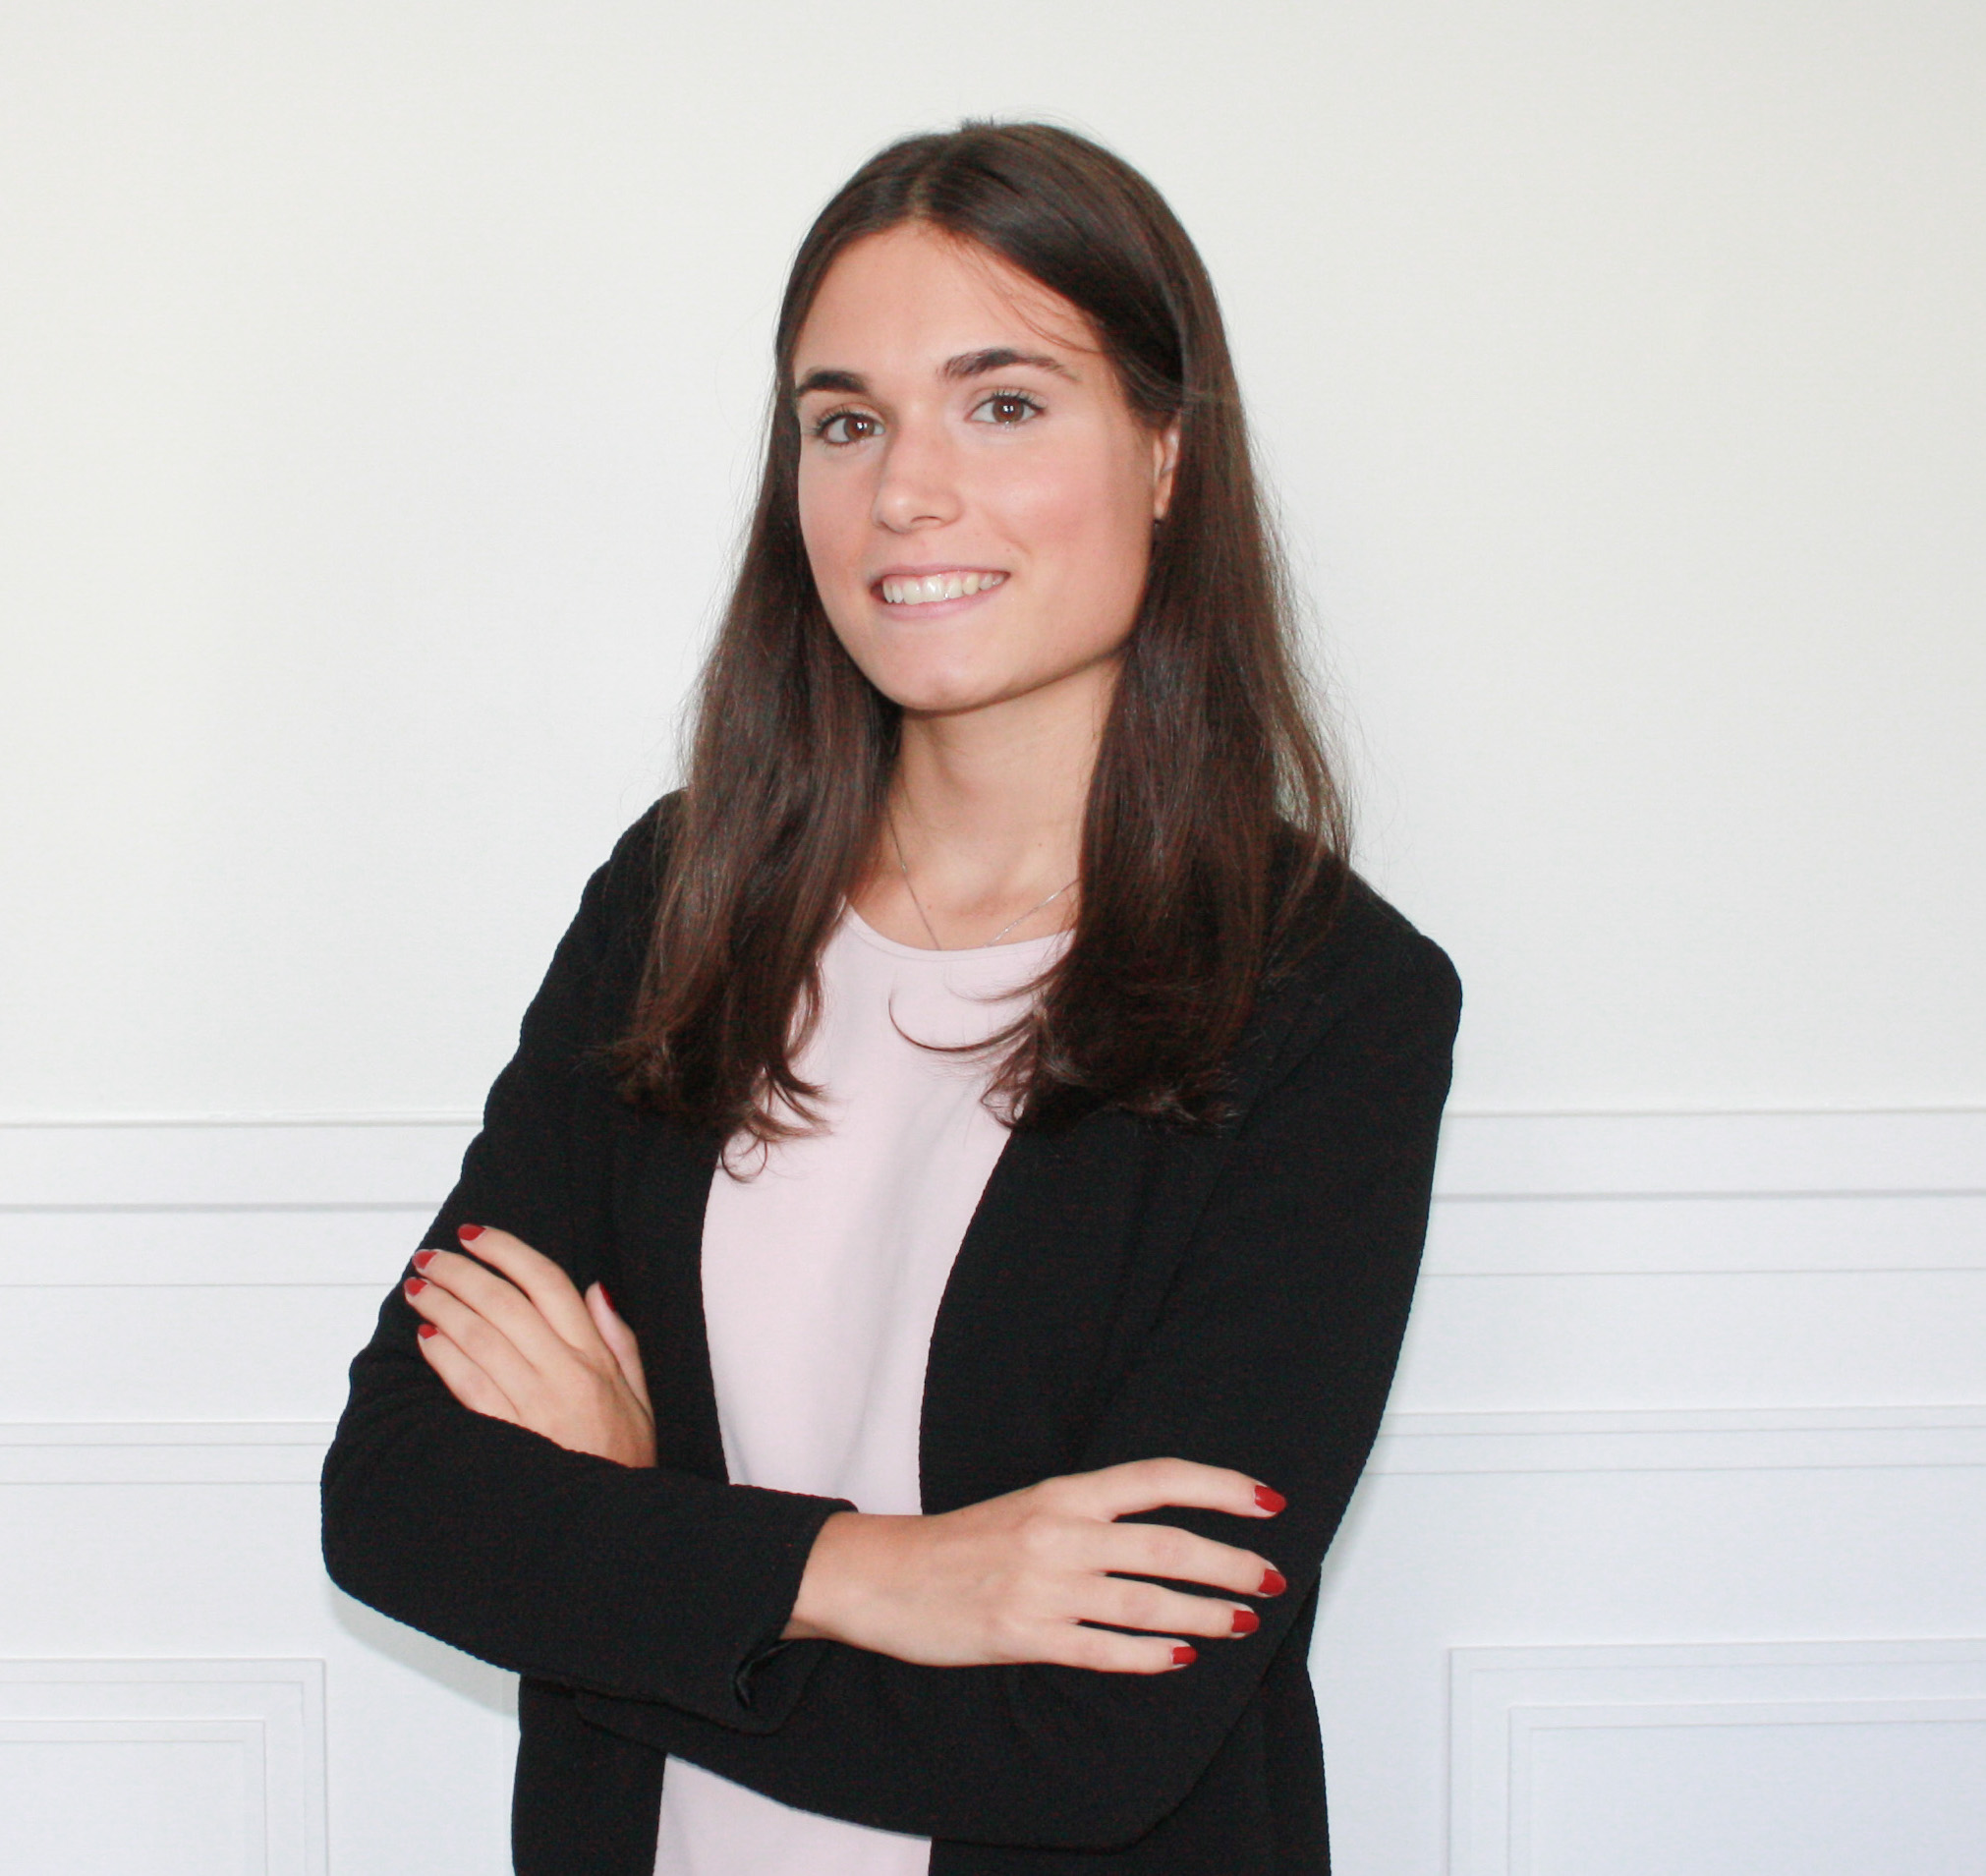 María José Escribano Gómez-Fabra